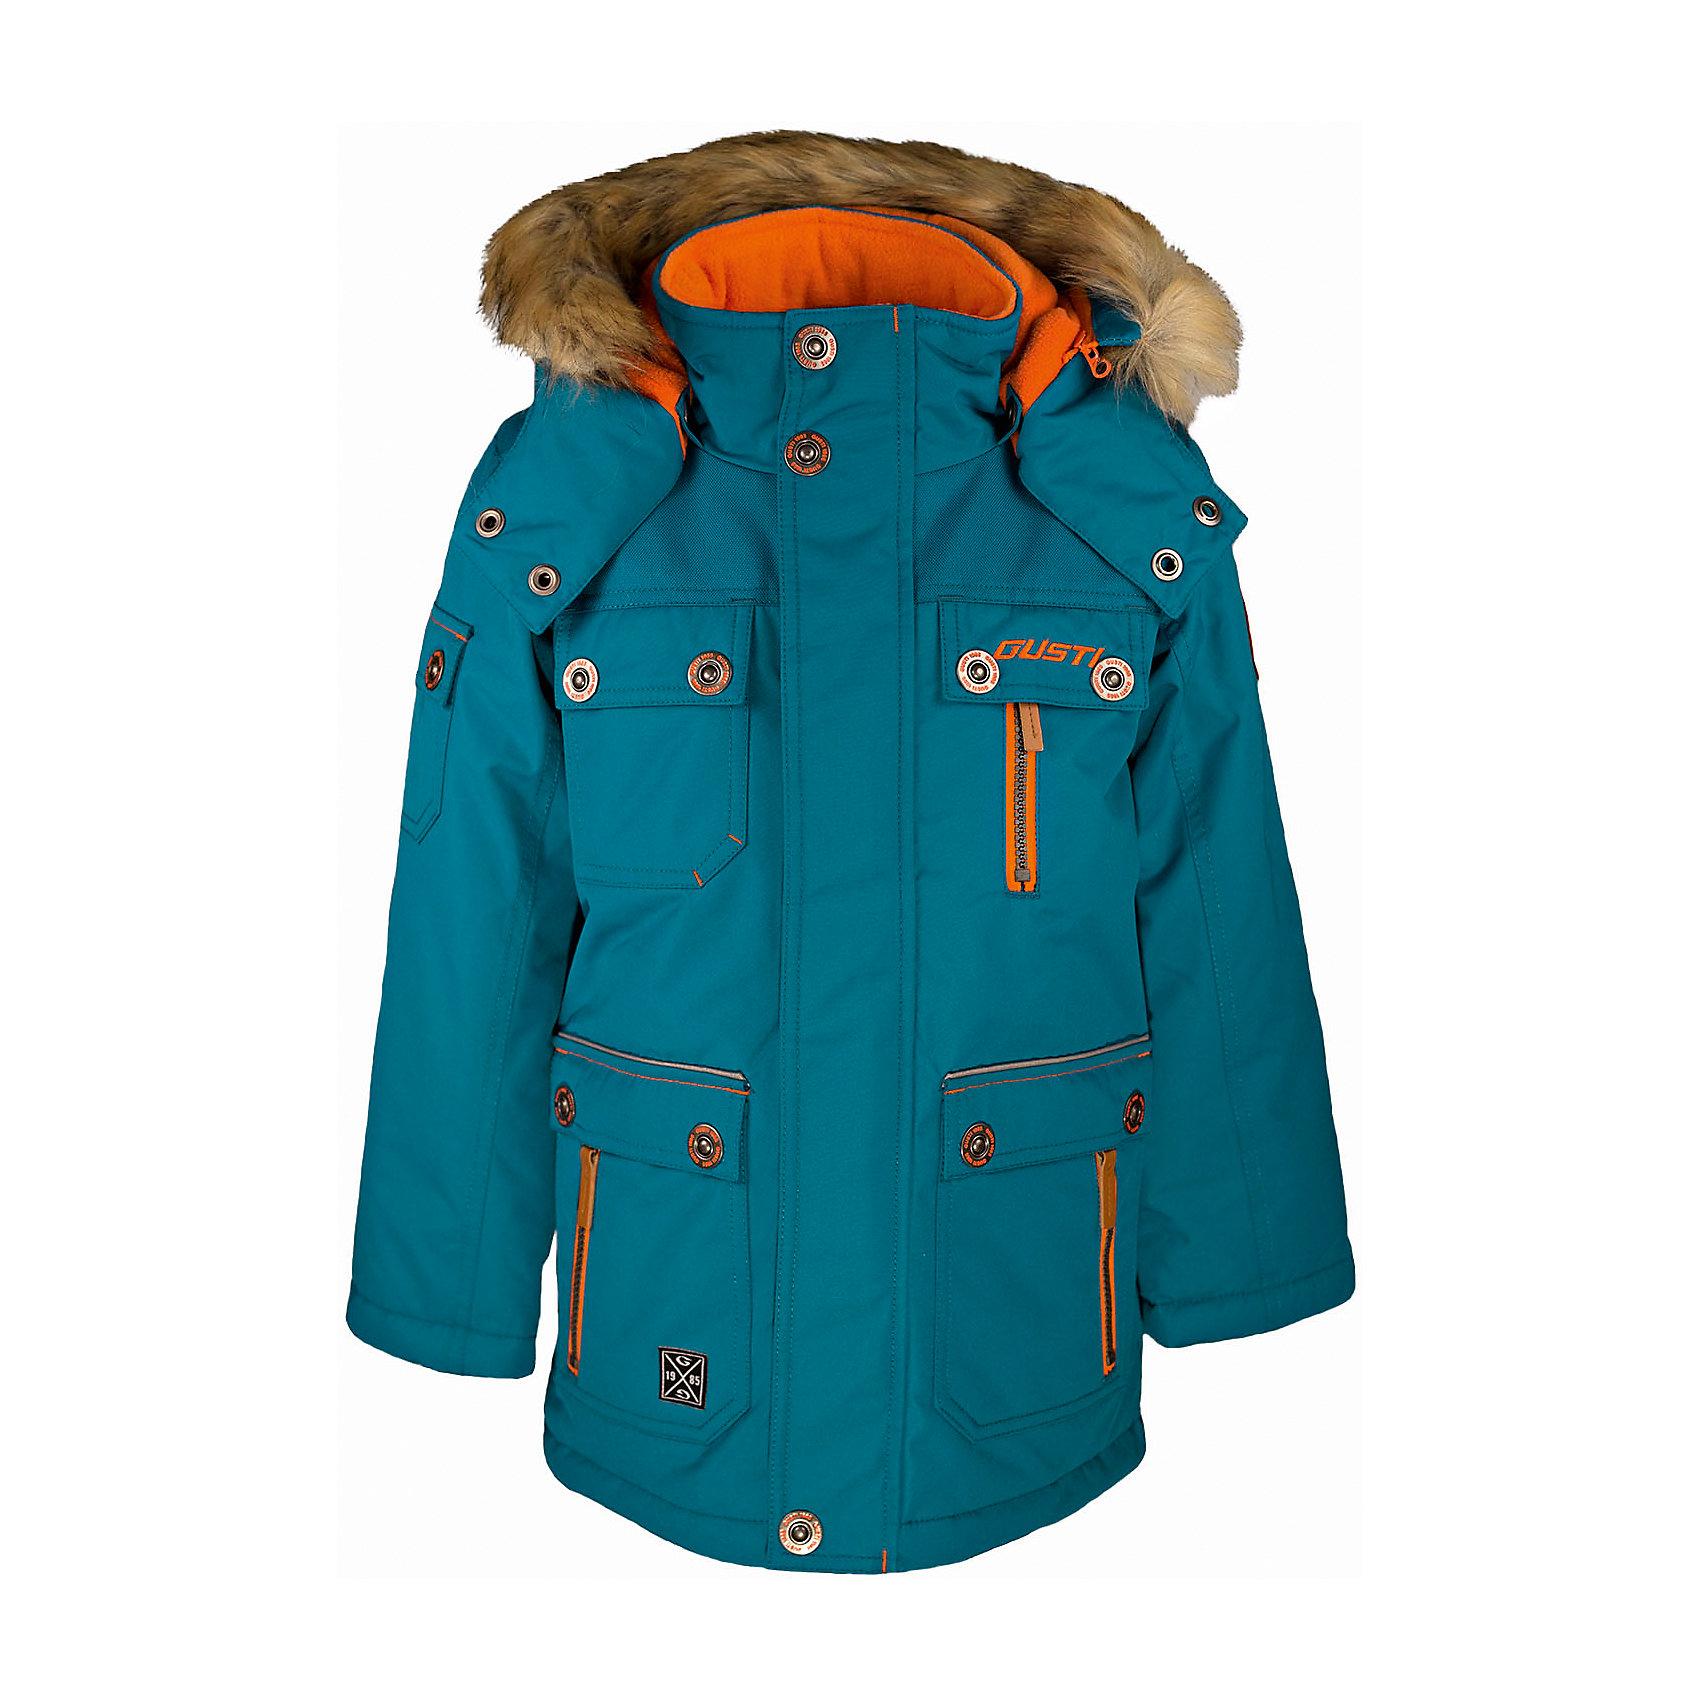 Куртка GUSTIКуртка GUSTI (ГУСТИ) – это идеальный вариант для суровой зимы с сильными морозами.<br><br>Температурный режим: до -30  градусов. Степень утепления – высокая. <br><br>* Температурный режим указан приблизительно — необходимо, прежде всего, ориентироваться на ощущения ребенка. Температурный режим работает в случае соблюдения правила многослойности – использования флисовой поддевы и термобелья.<br><br>Удлиненная куртка прямого кроя от GUSTI (ГУСТИ) выполнена из плотного непромокаемого материала с защитной от влаги мембраной 5000 мм. Тань хорошо сохраняет тепло, отталкивает влагу и позволяет коже ребенка дышать. Утеплитель из тек-полифилла и флисовая внутренняя отделка на груди и на спинке дают возможность использовать куртку при очень низких температурах. Куртка застегивается на молнию с ветрозащитной планкой, имеет удобные карманы, кулиску внутри по талии, высокий ворот с защитой шеи и подбородка, съемный капюшон с флисовой подкладкой и отстегивающейся оторочкой из искусственного меха. Модель подходит для прогулок на морозе до -30 градусов.<br><br>Дополнительная информация:<br><br>- Сезон: зима<br>- Пол: мальчик<br>- Цвет: голубой<br>- Температурный режим до -30 градусов<br>- Материал верха: shuss 5000мм (100% полиэстер)<br>- Наполнитель: тек-полифилл плотностью 283 гр/м (10 унций) 100% полиэстер<br>- Подкладка: флис на груди и спинке (100% полиэстер)<br>- Молнии и фурнитура YKK<br>- Светоотражающие элементы 3М Scotchlite<br><br>Куртку GUSTI (ГУСТИ) можно купить в нашем интернет-магазине.<br><br>Ширина мм: 356<br>Глубина мм: 10<br>Высота мм: 245<br>Вес г: 519<br>Цвет: голубой<br>Возраст от месяцев: 84<br>Возраст до месяцев: 96<br>Пол: Мужской<br>Возраст: Детский<br>Размер: 120,152,140,128,122,116,110,104,100,98,92,164<br>SKU: 4972544